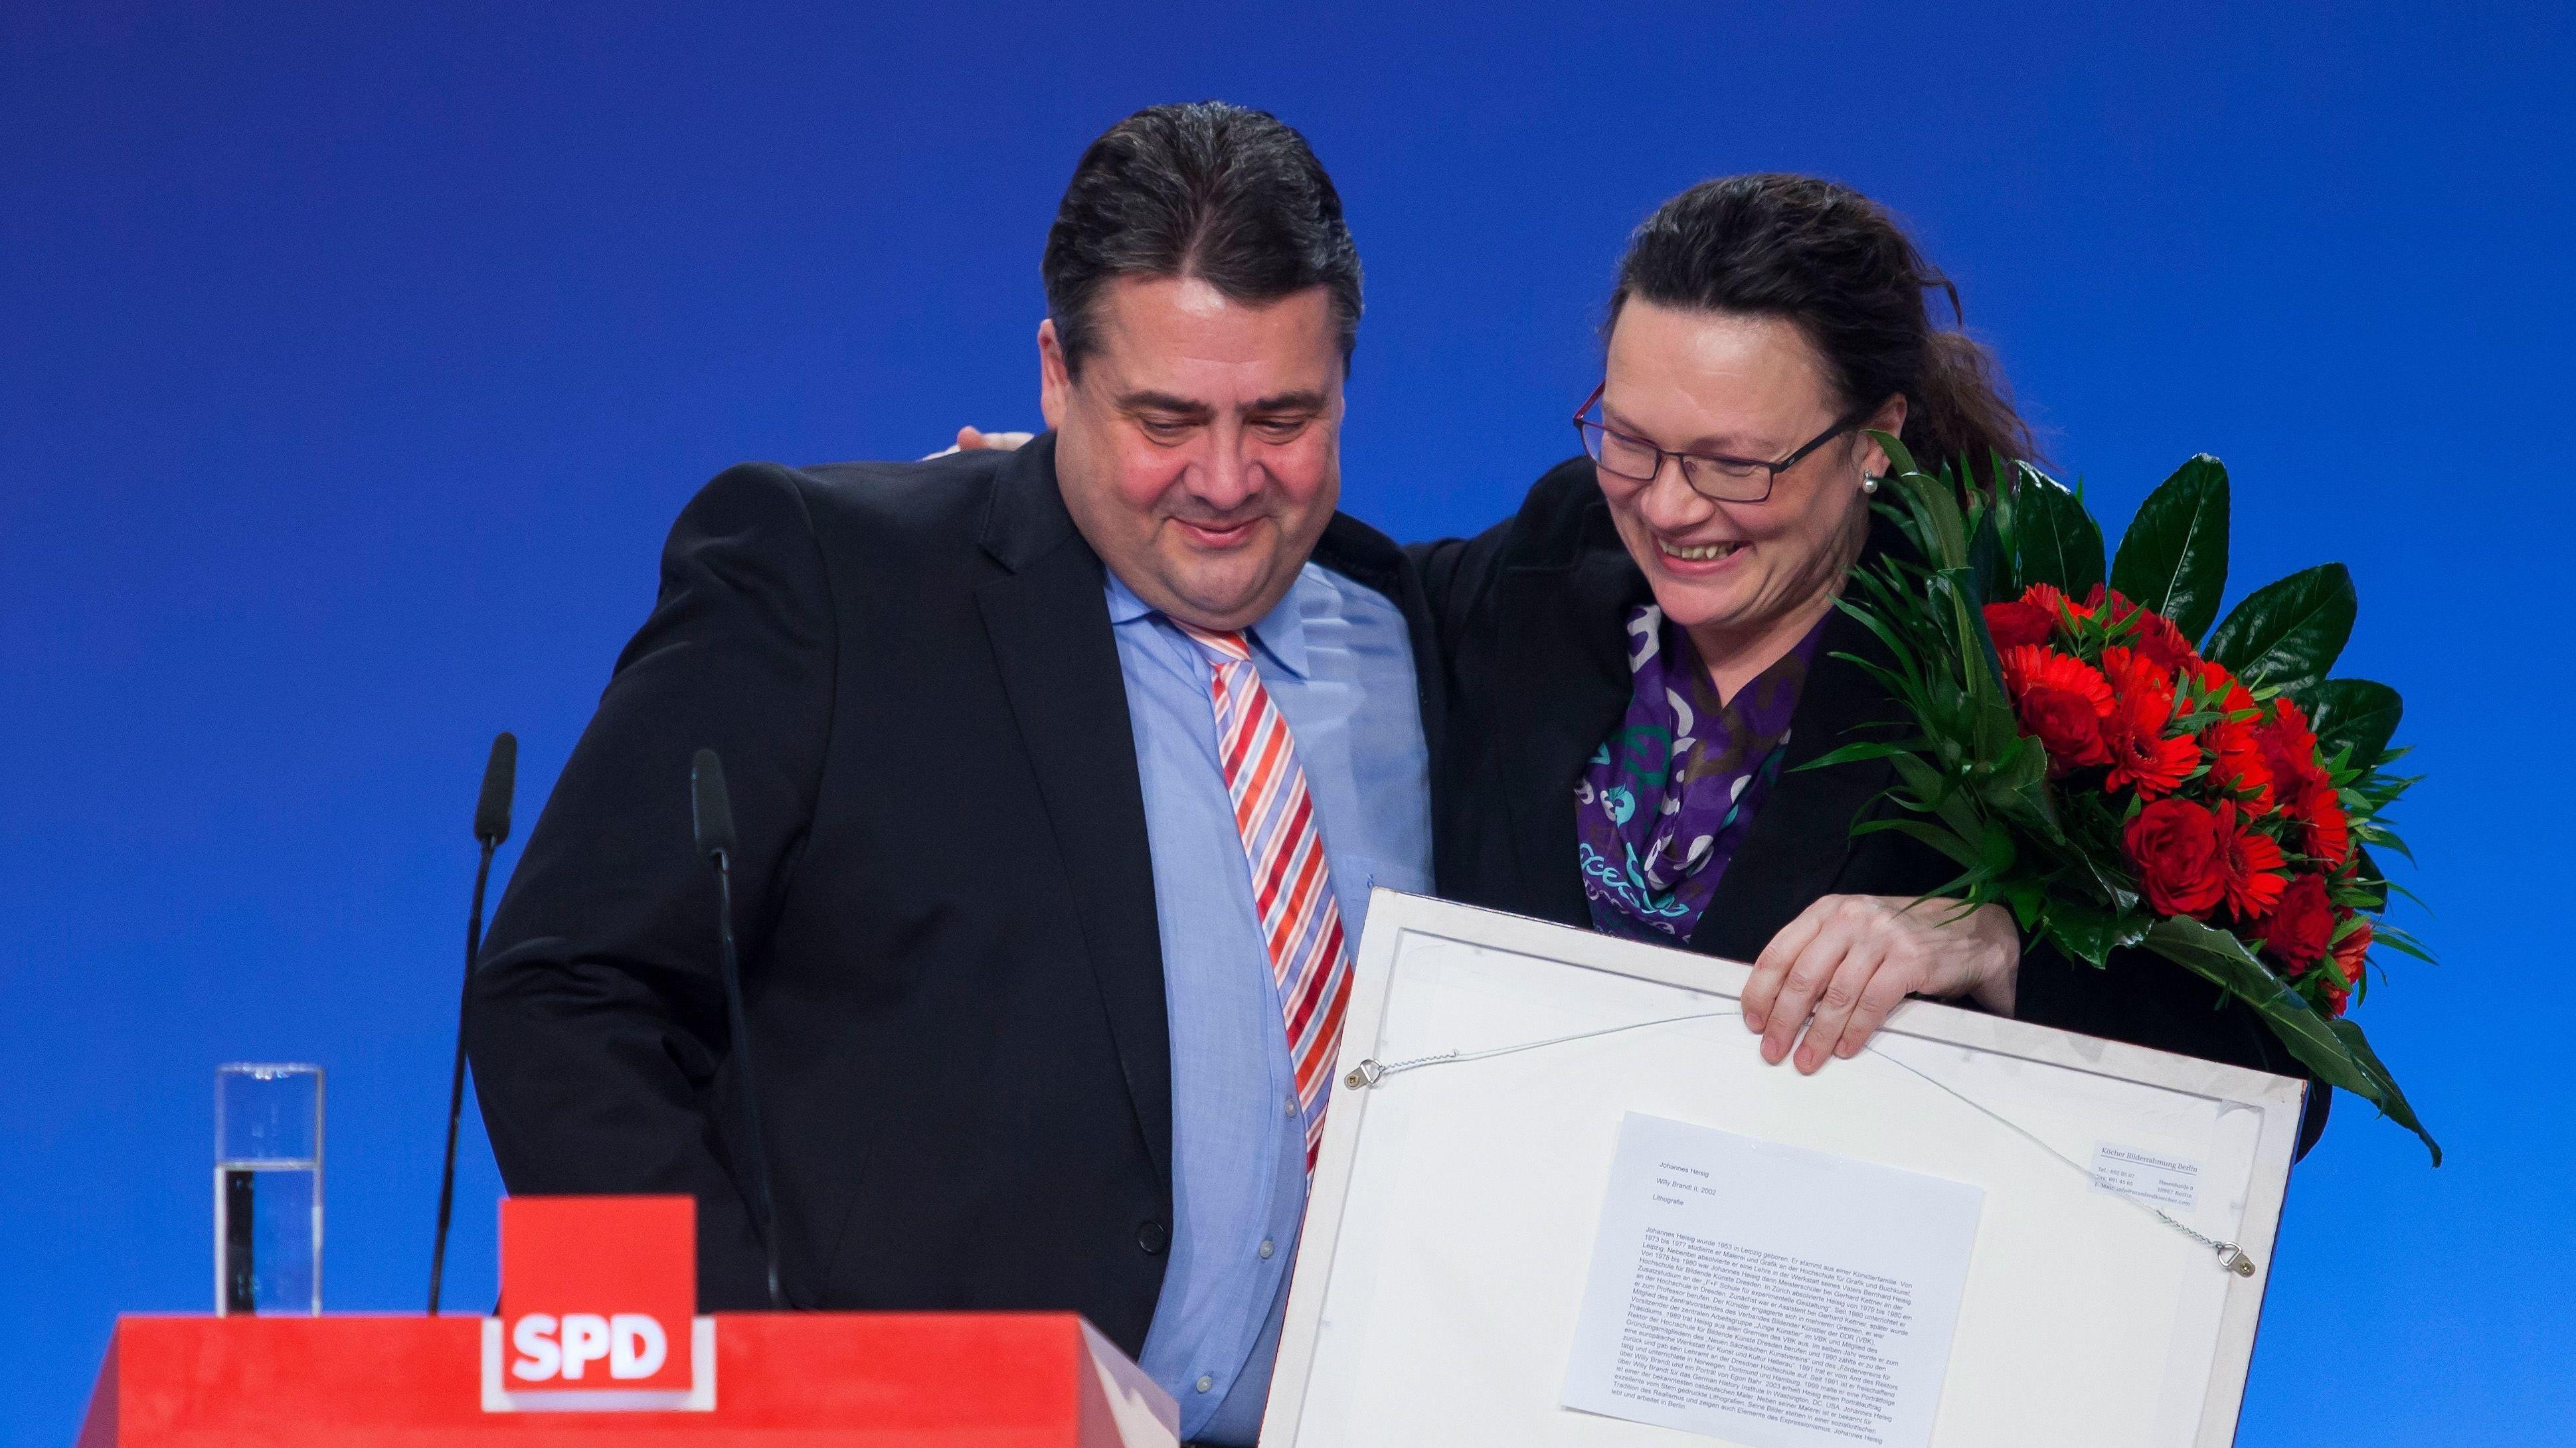 Archivbild: Sigmar Gabriel und Andrea Nahles Arm in Arm beim außerordentlichen Bundesparteitag der SPD in Berlin